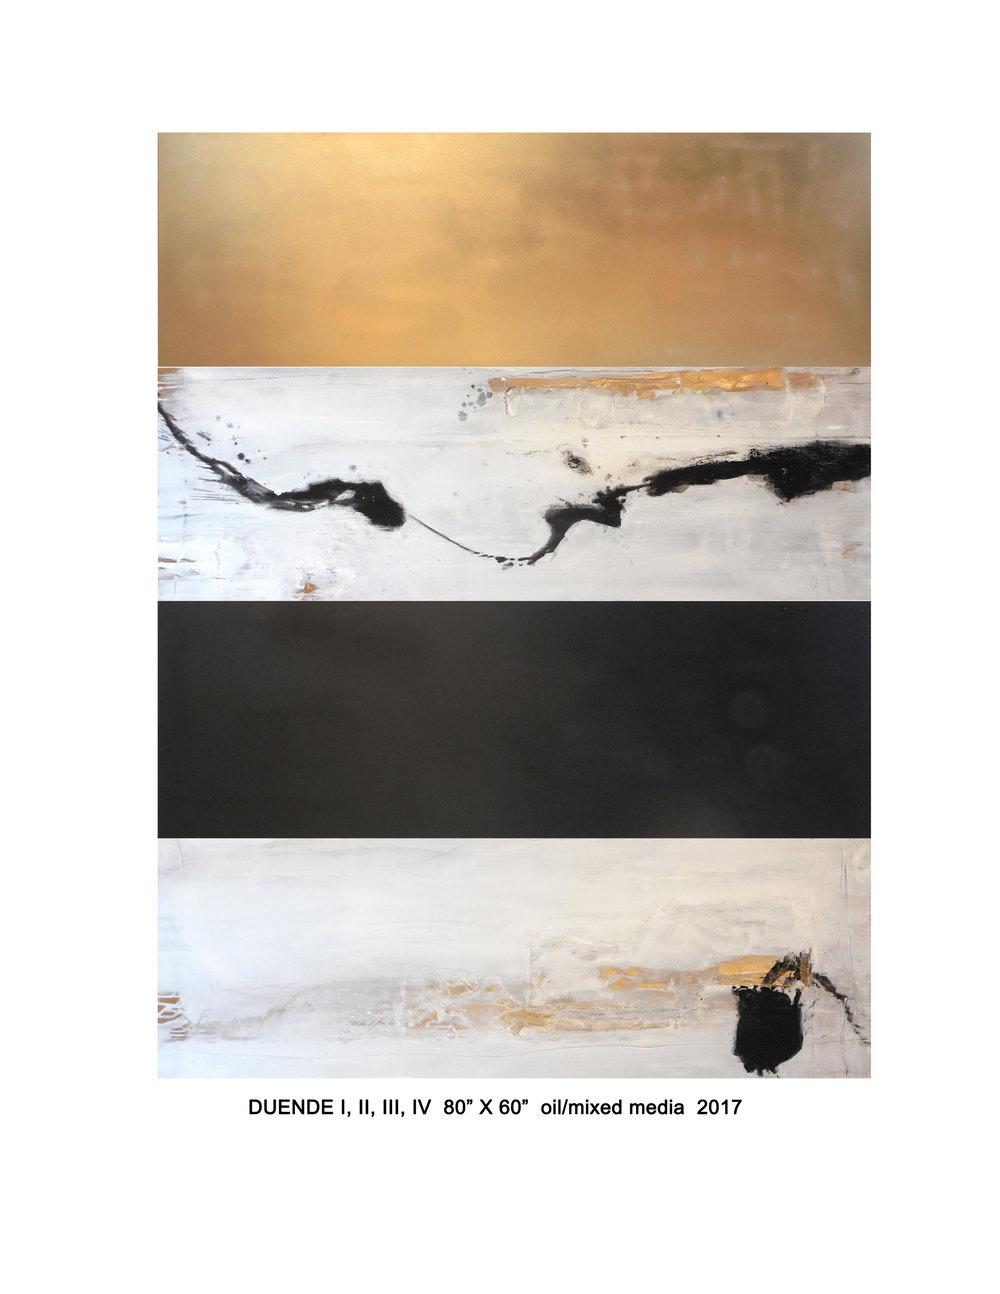 2017 duende-I-II-III-IV-80x60-lab.jpg